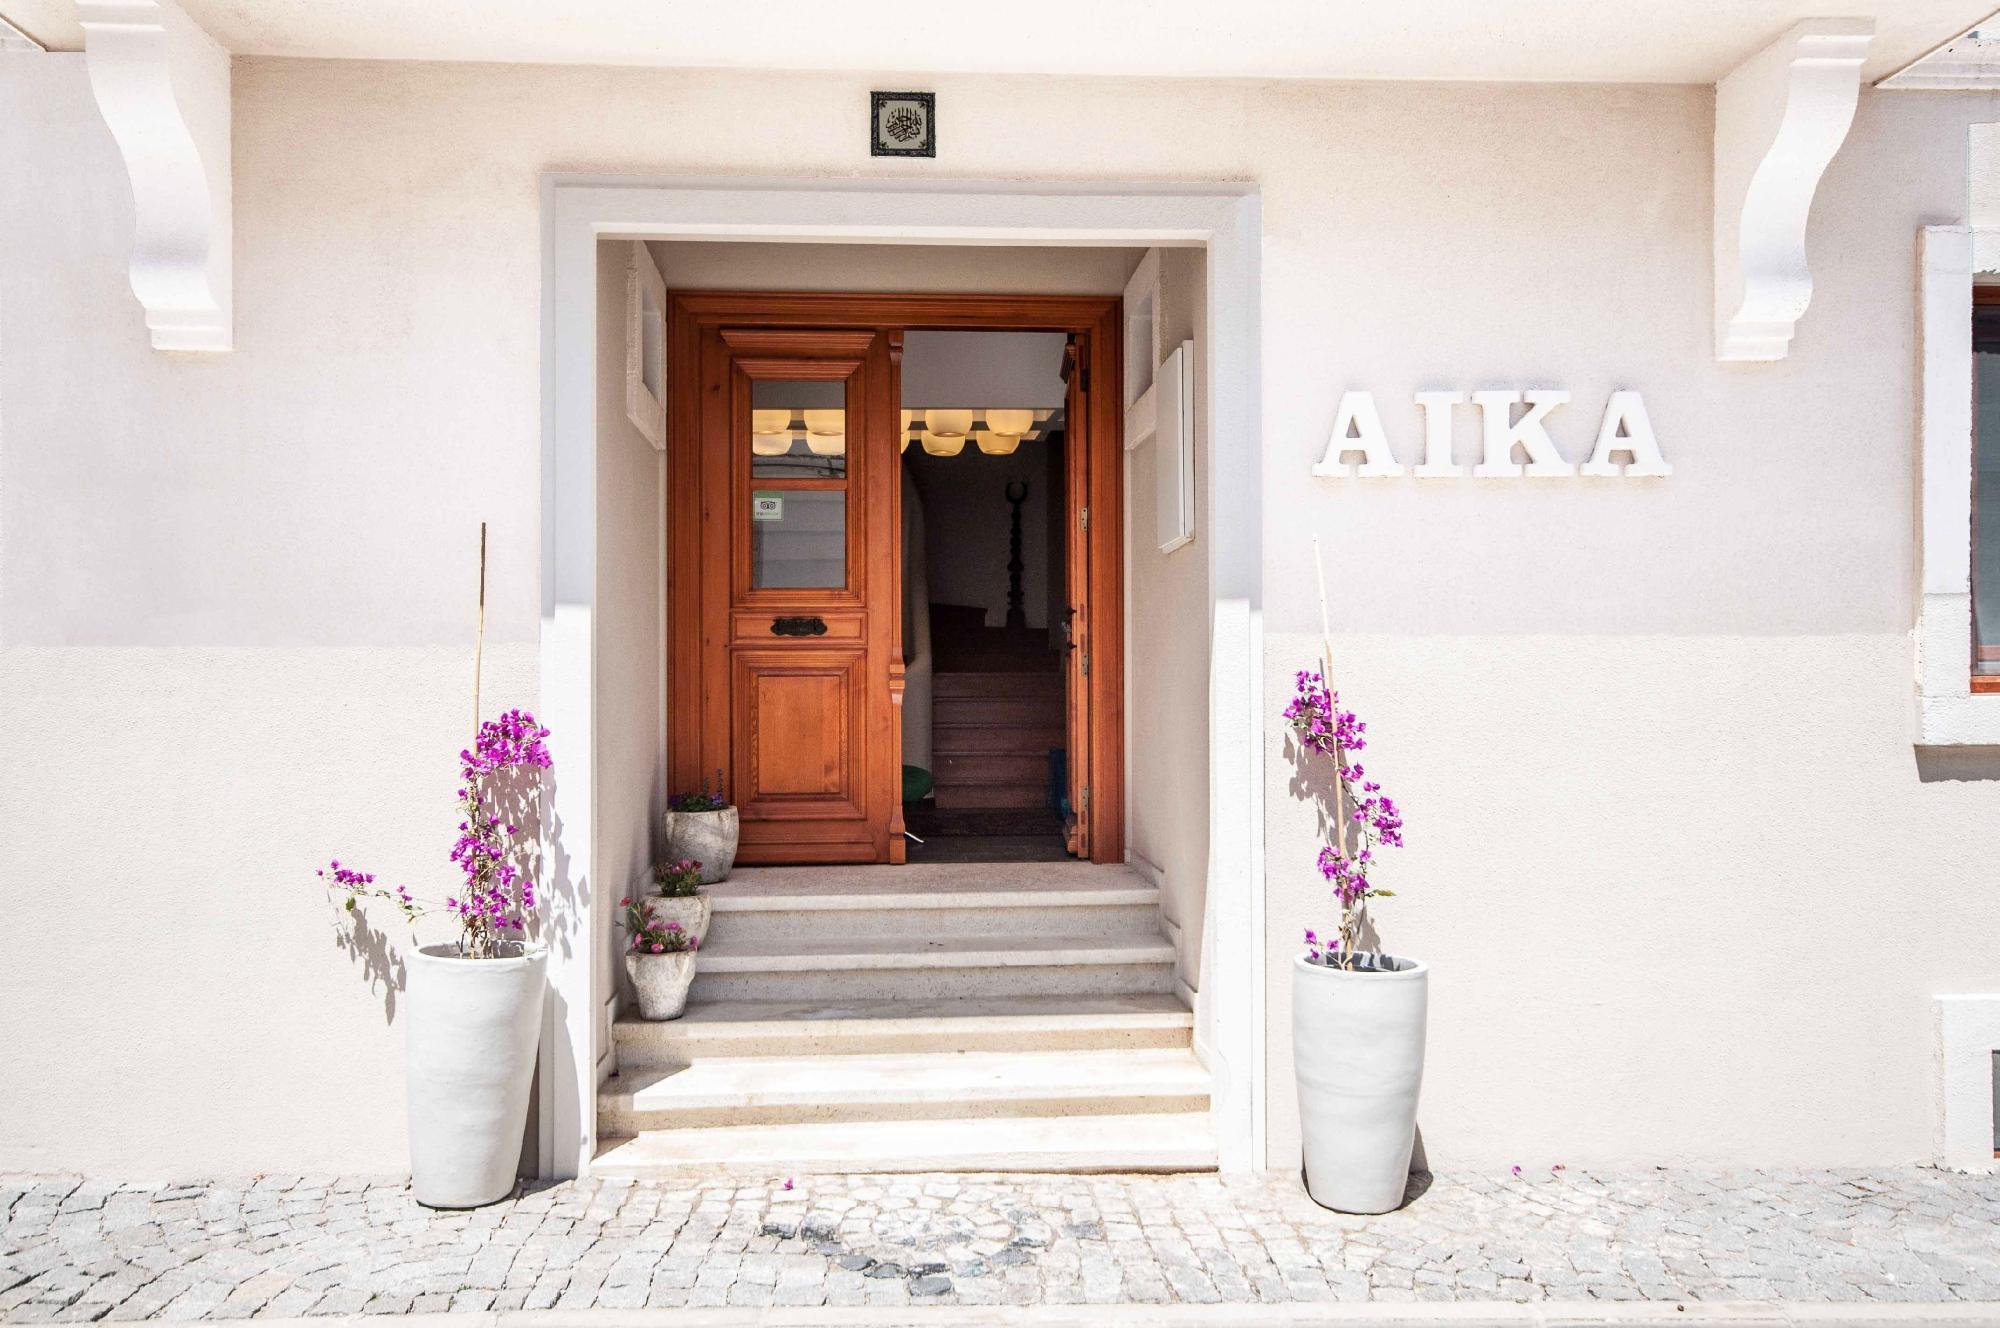 Aika Hotel Bozcaada